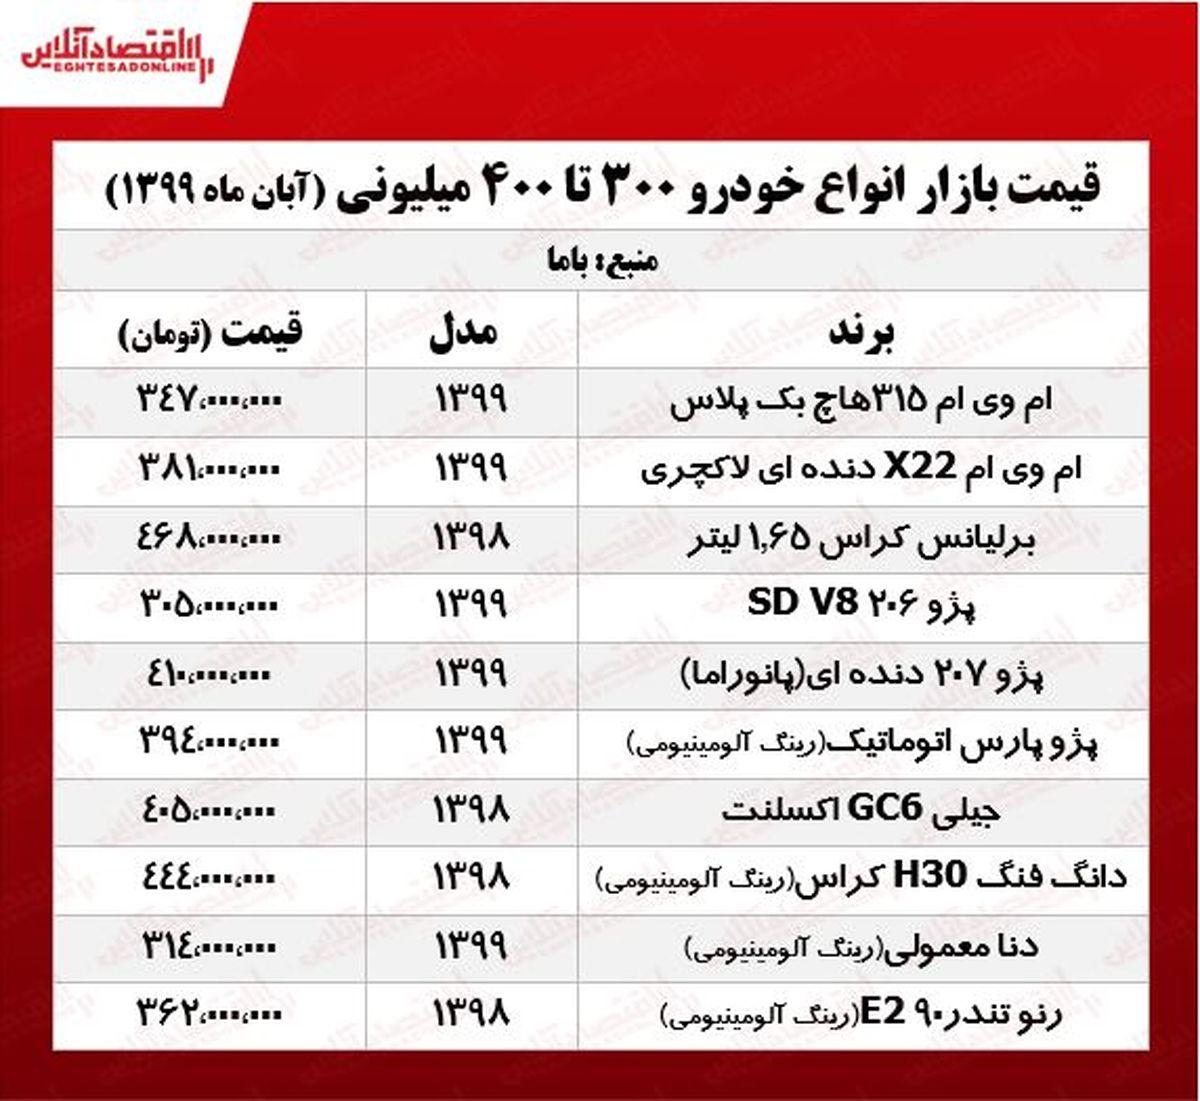 قیمت خودروهای ۳۰۰ تا ۴۰۰ میلیونی بازار پایتخت +جدول